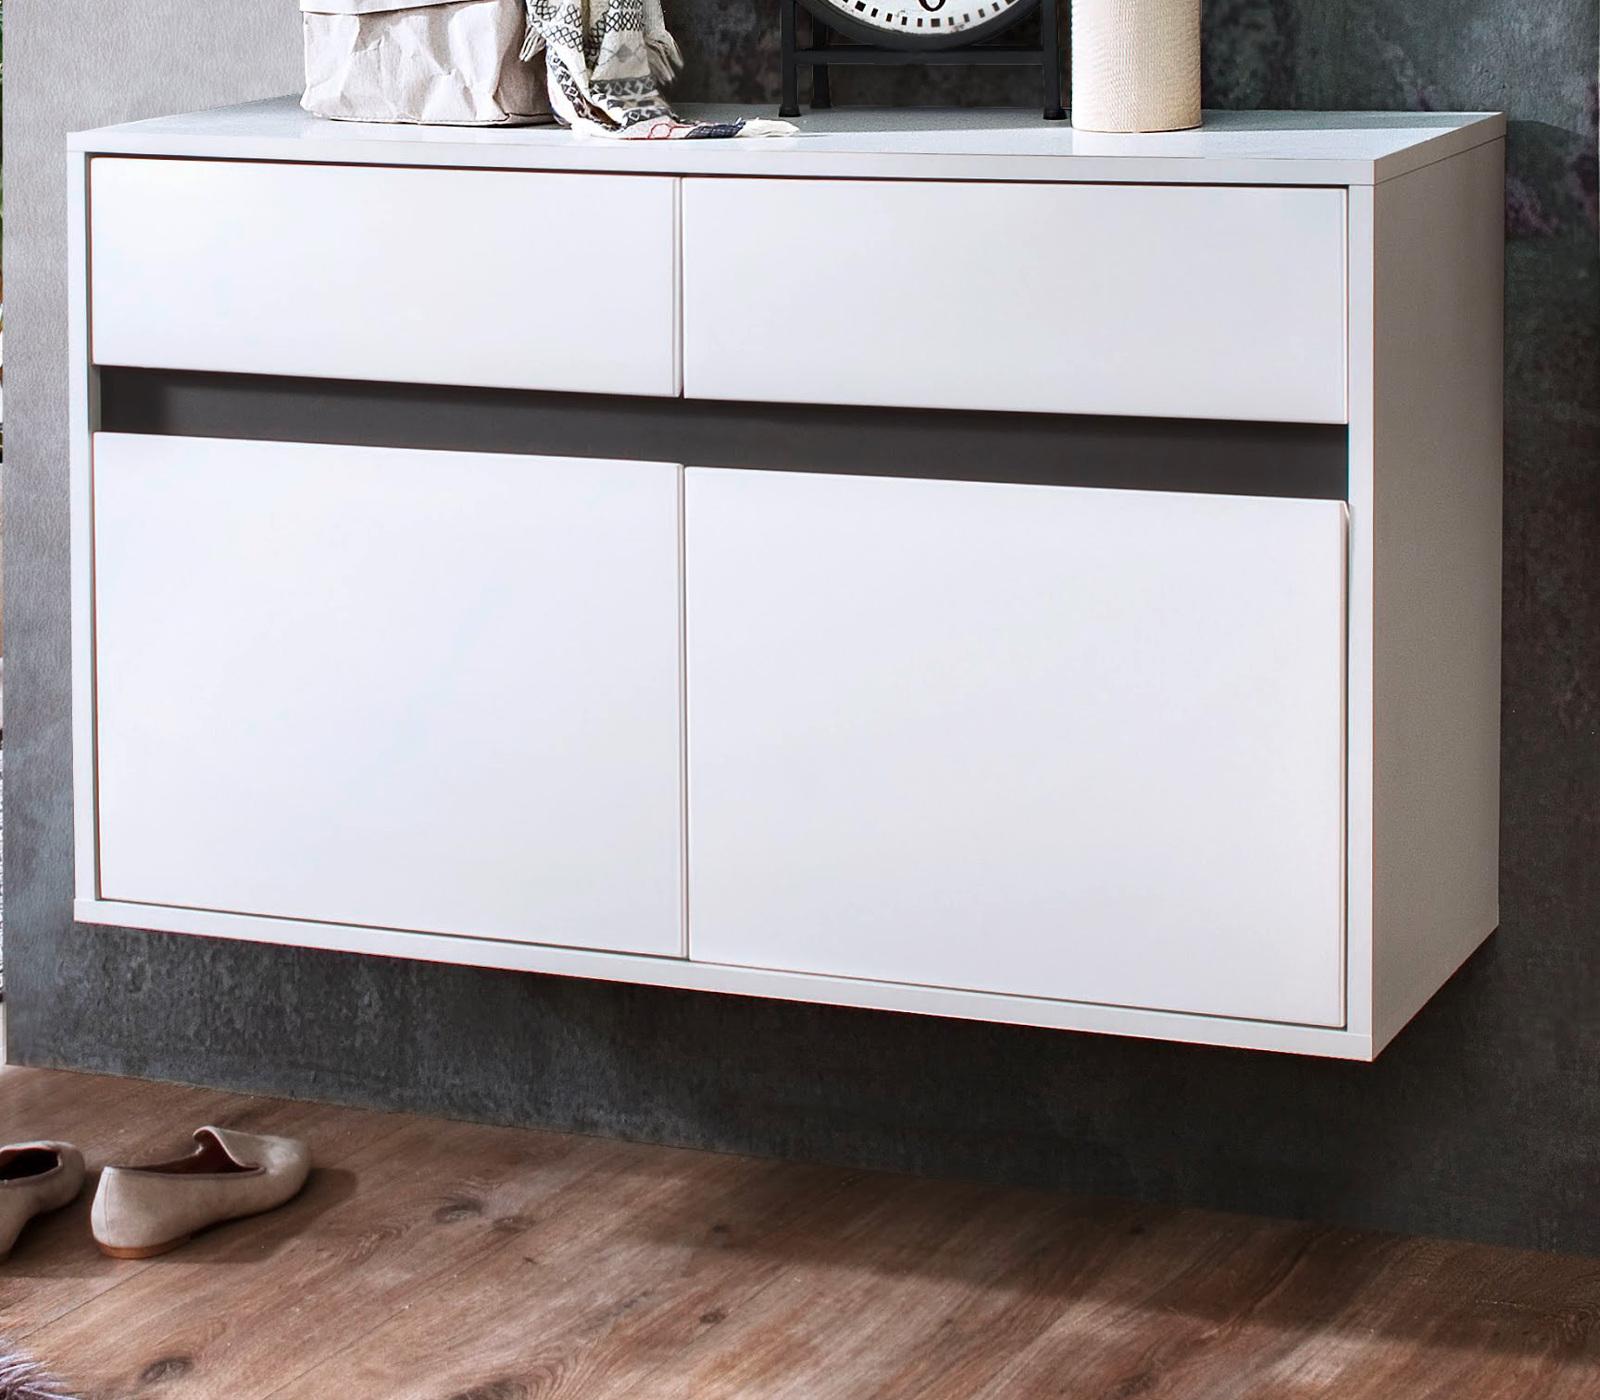 schuhschrank sol lack hochglanz wei und grau 97x60 cm. Black Bedroom Furniture Sets. Home Design Ideas